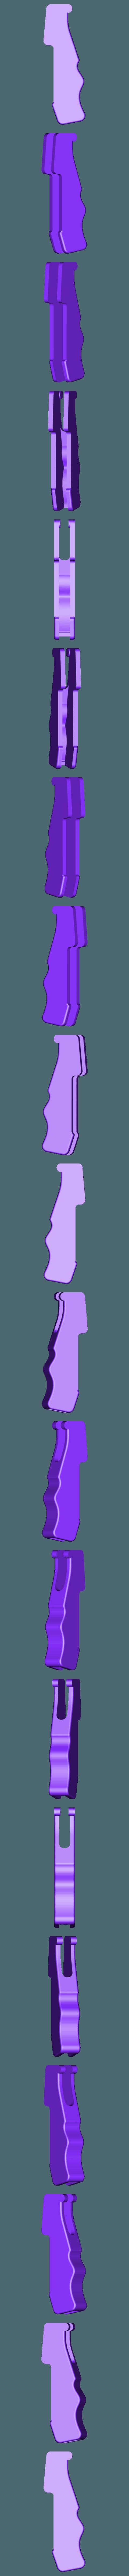 Pump Handle.stl Télécharger fichier STL gratuit Pince de détente à prise rapide imprimable (fonctionnelle) • Design imprimable en 3D, arron_mollet22